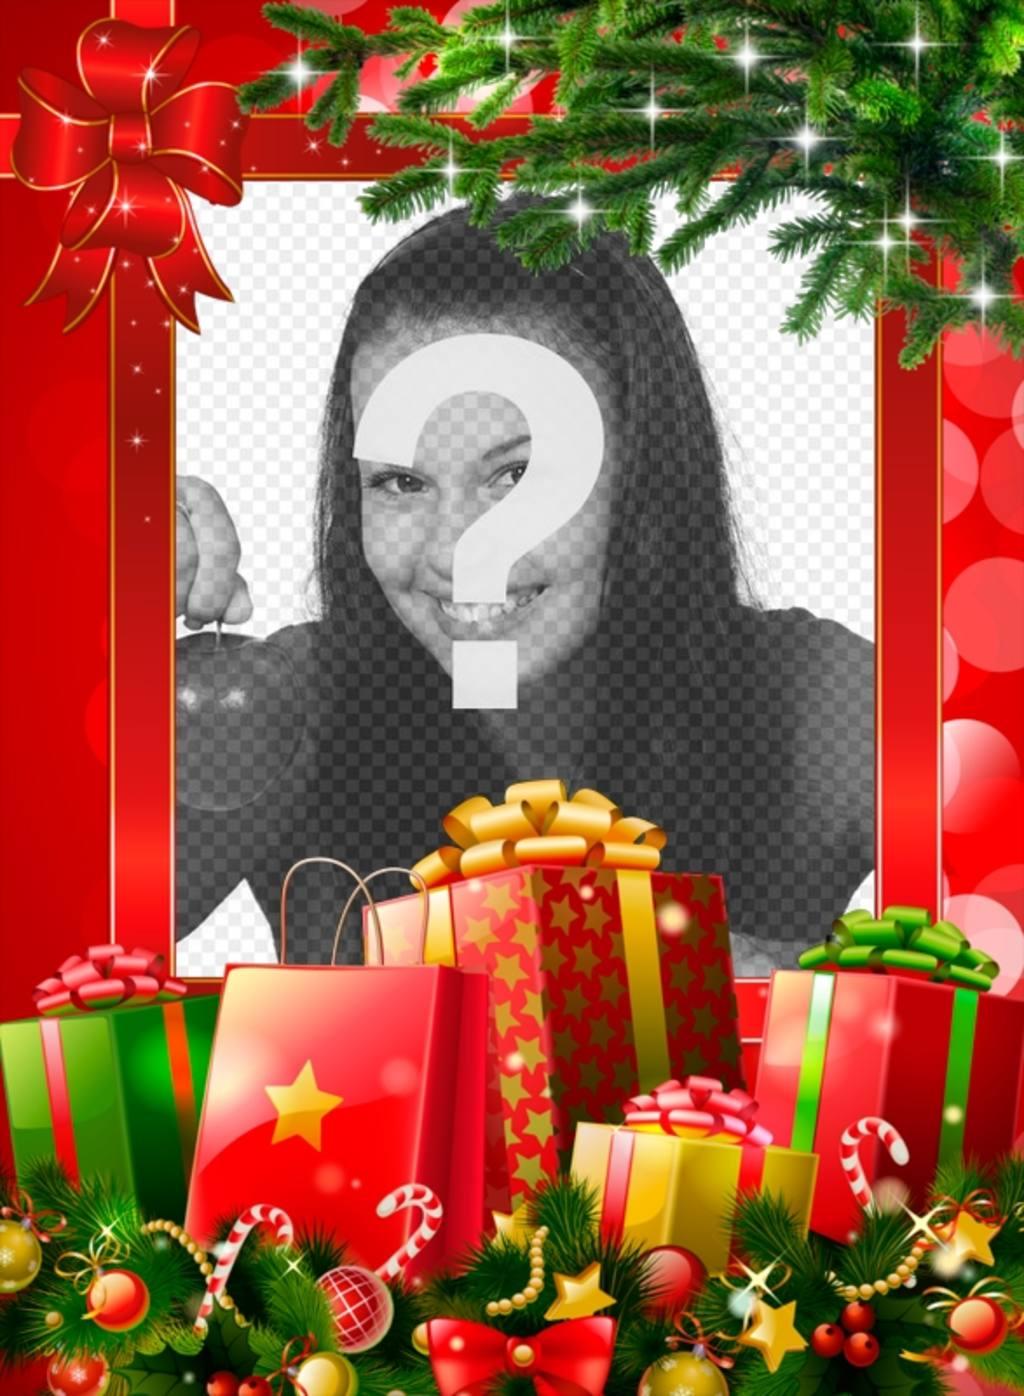 Marco de Navidad con muchos regalos para personalizar con tu foto